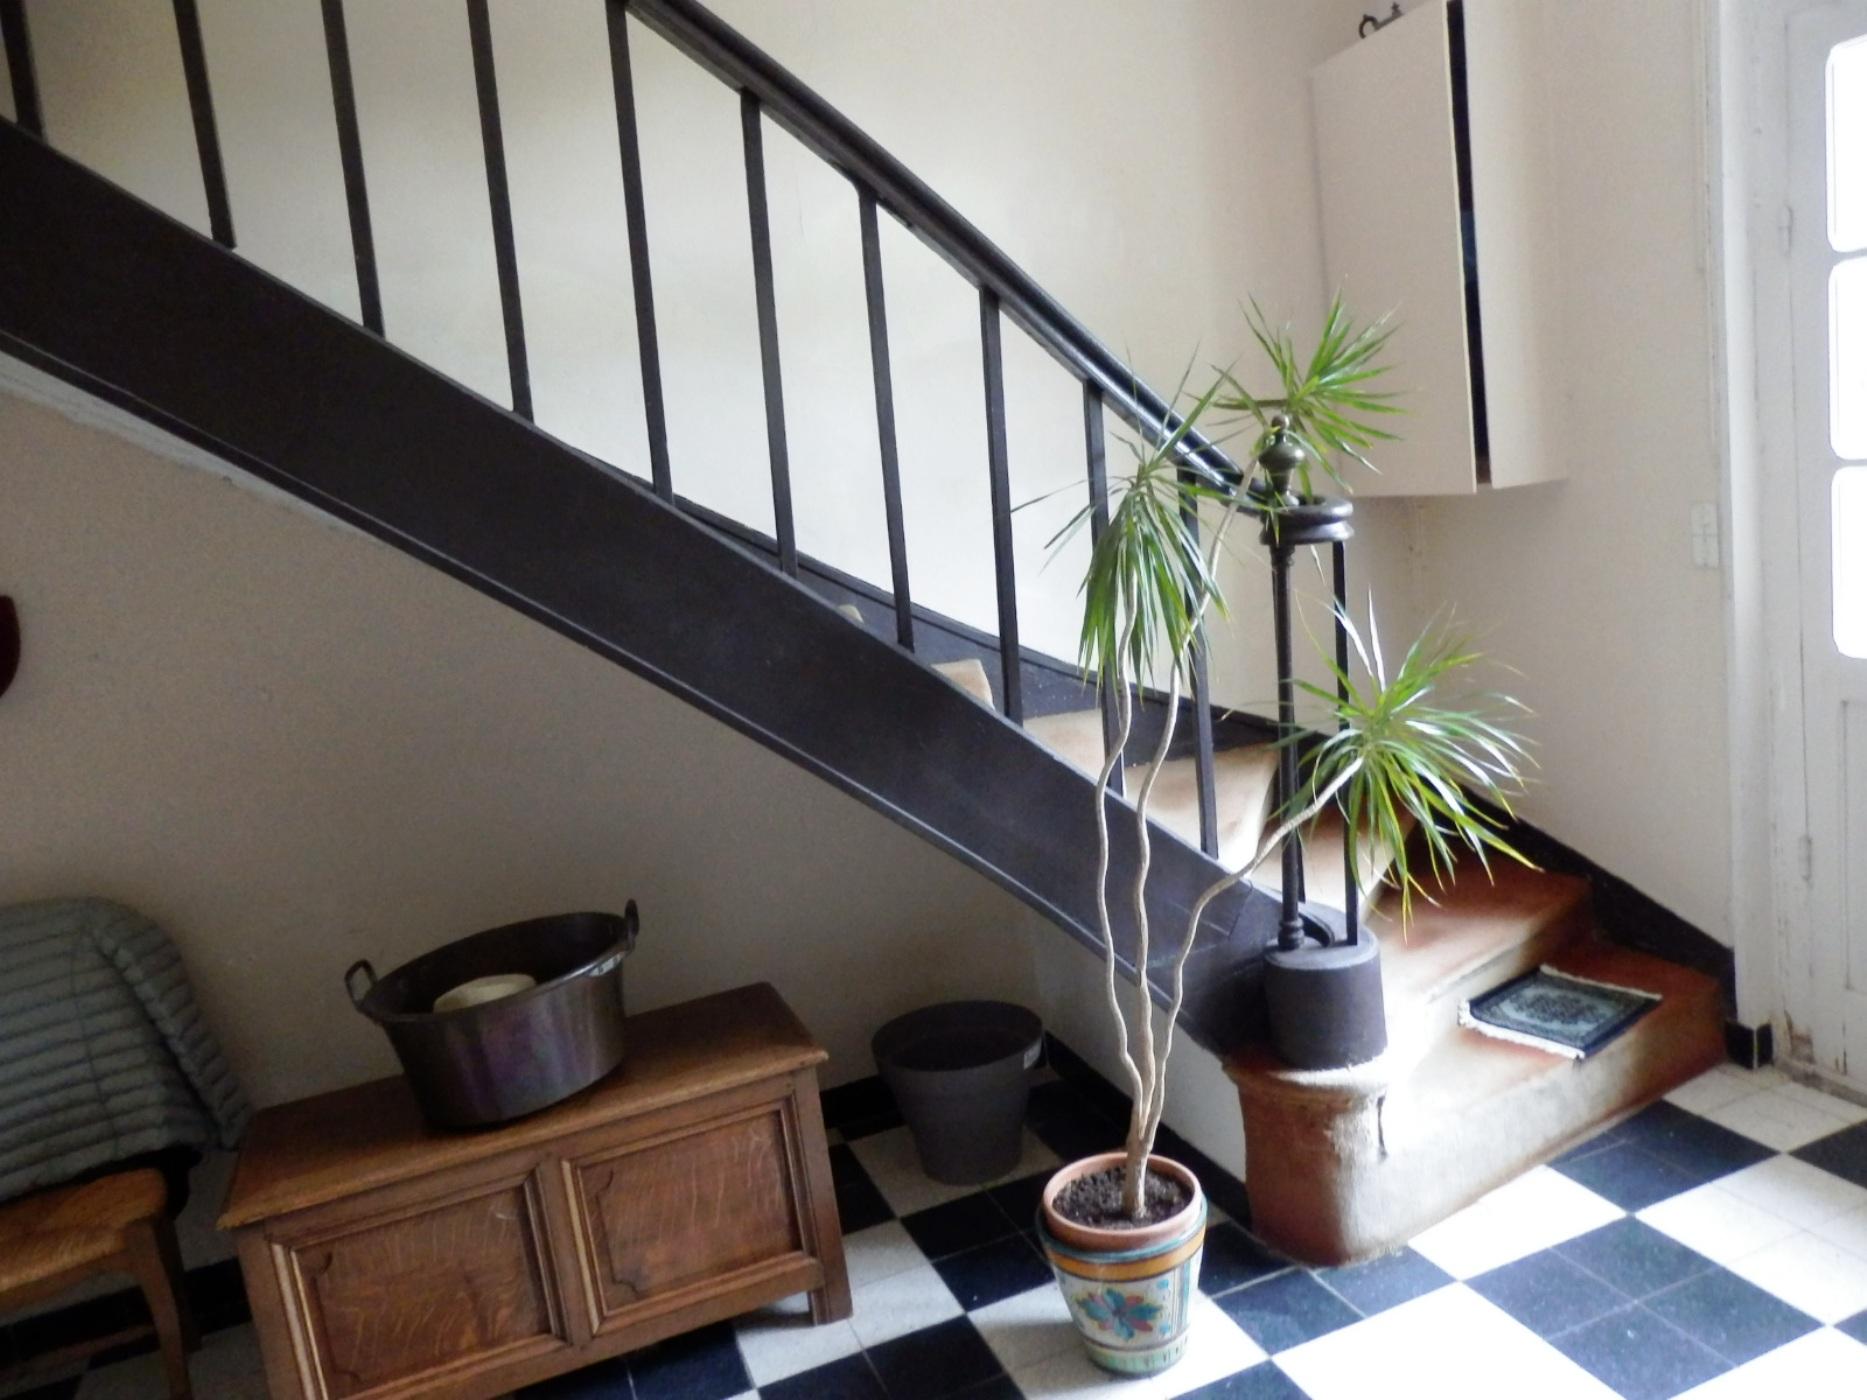 Maison rouen amazing maison rouen jardin des plantes for Site de vente de plantes